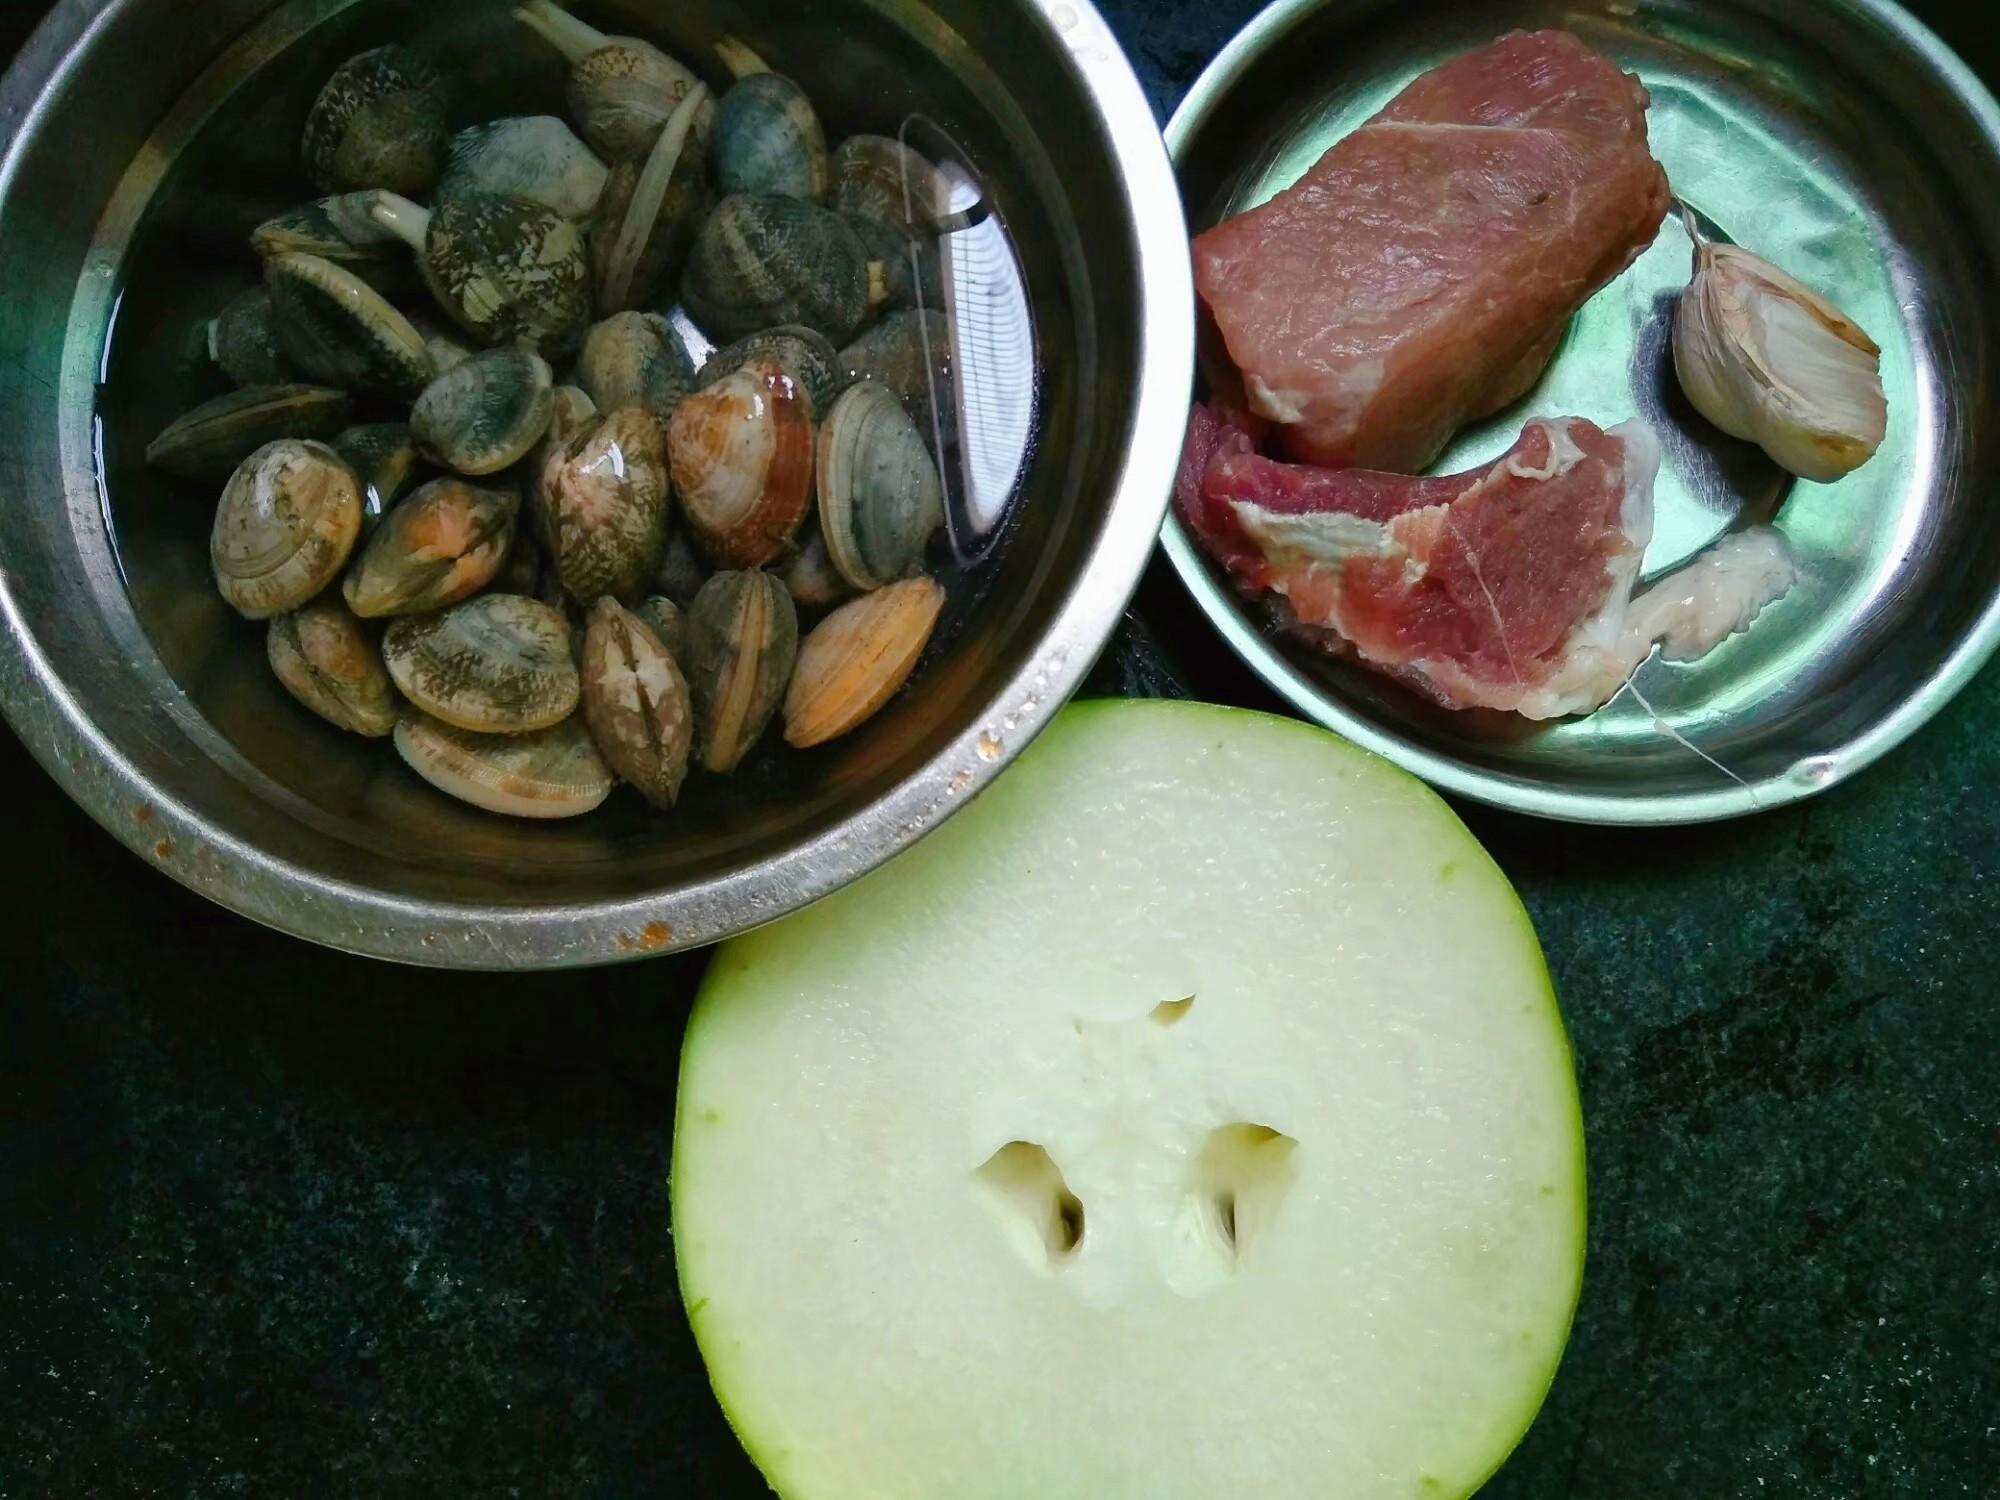 冬瓜花蛤肉片汤的做法大全